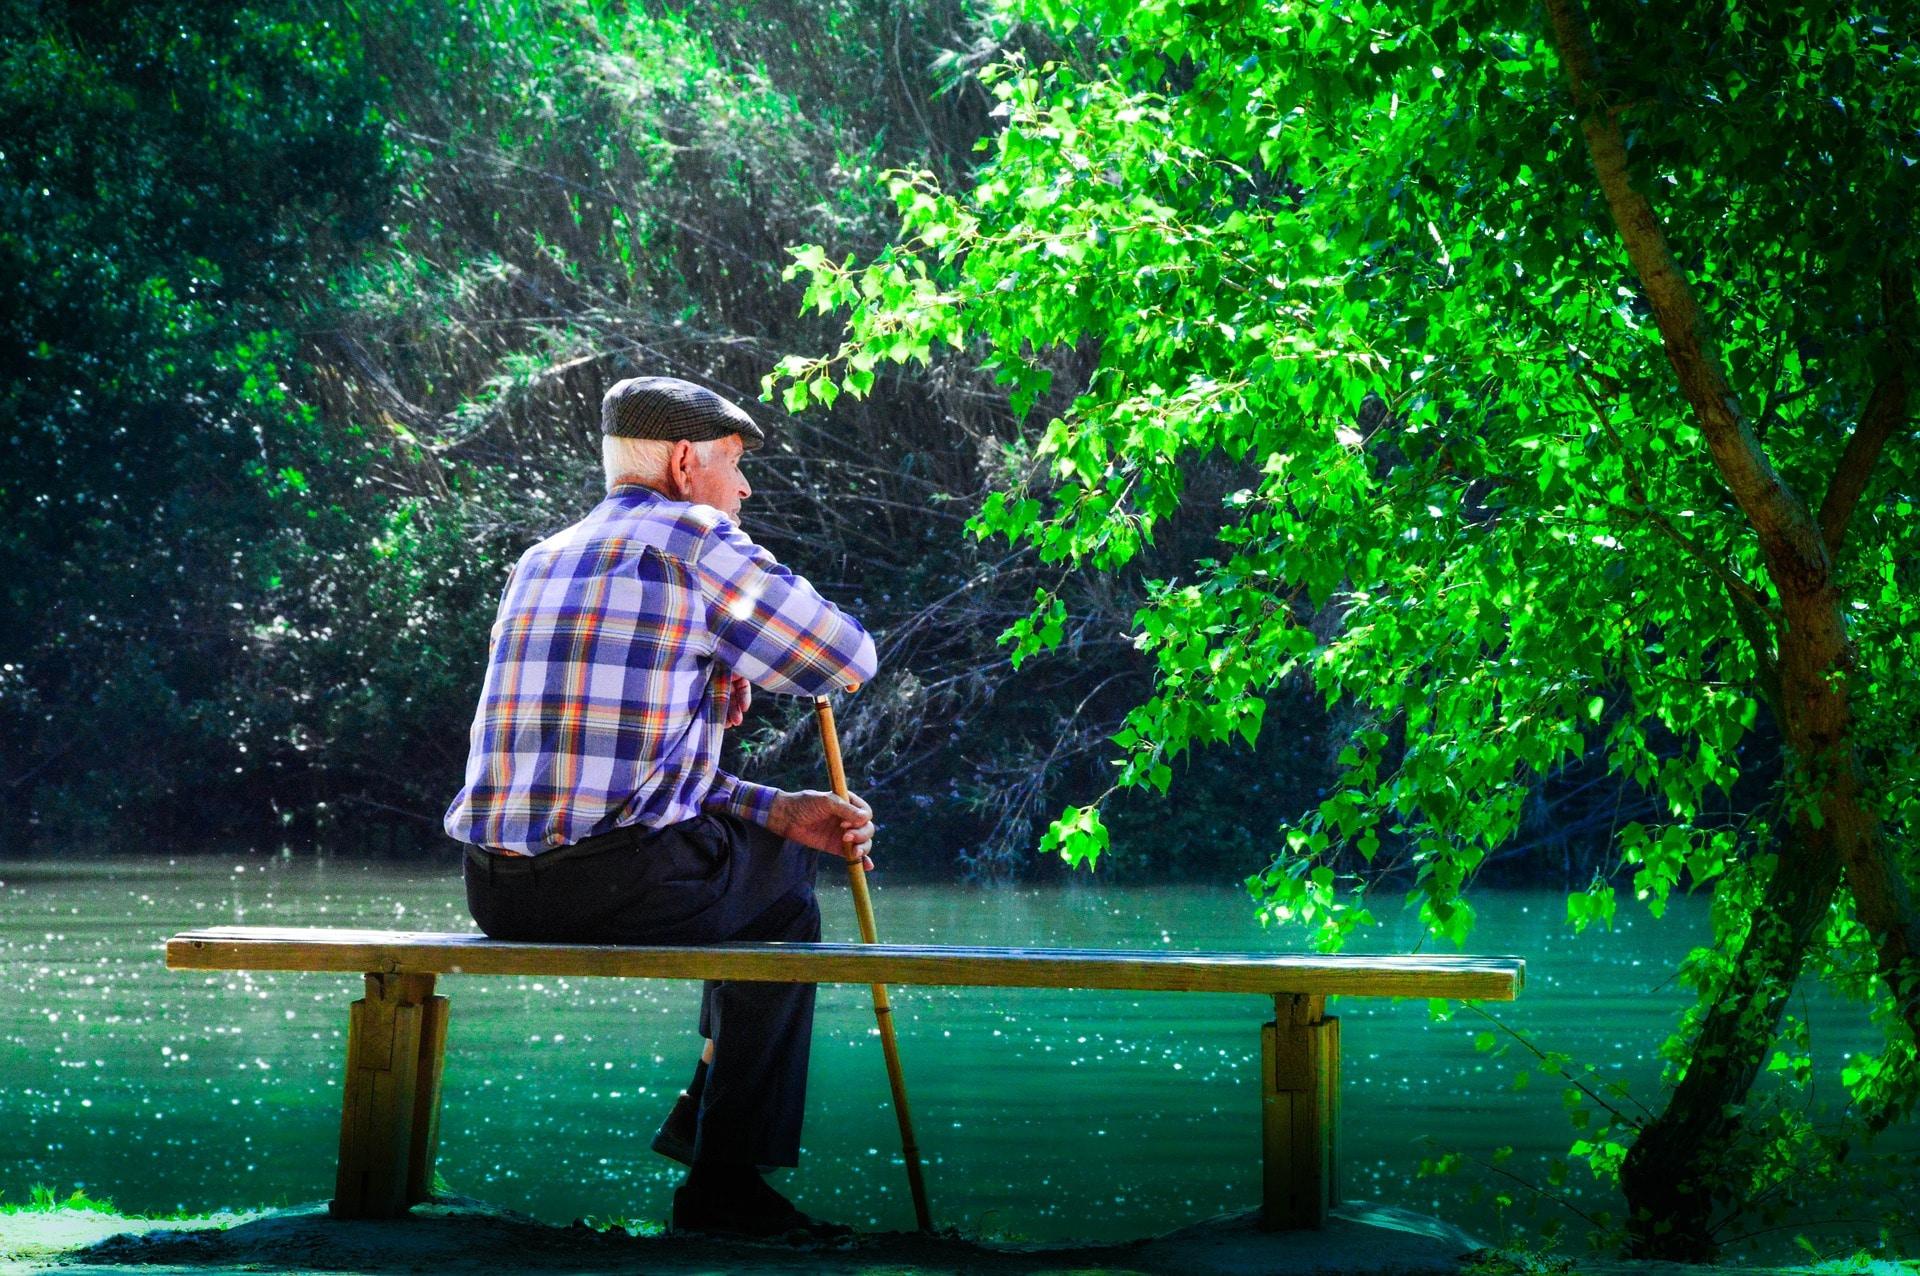 ผู้สูงอายุ อัลไซเมอร์